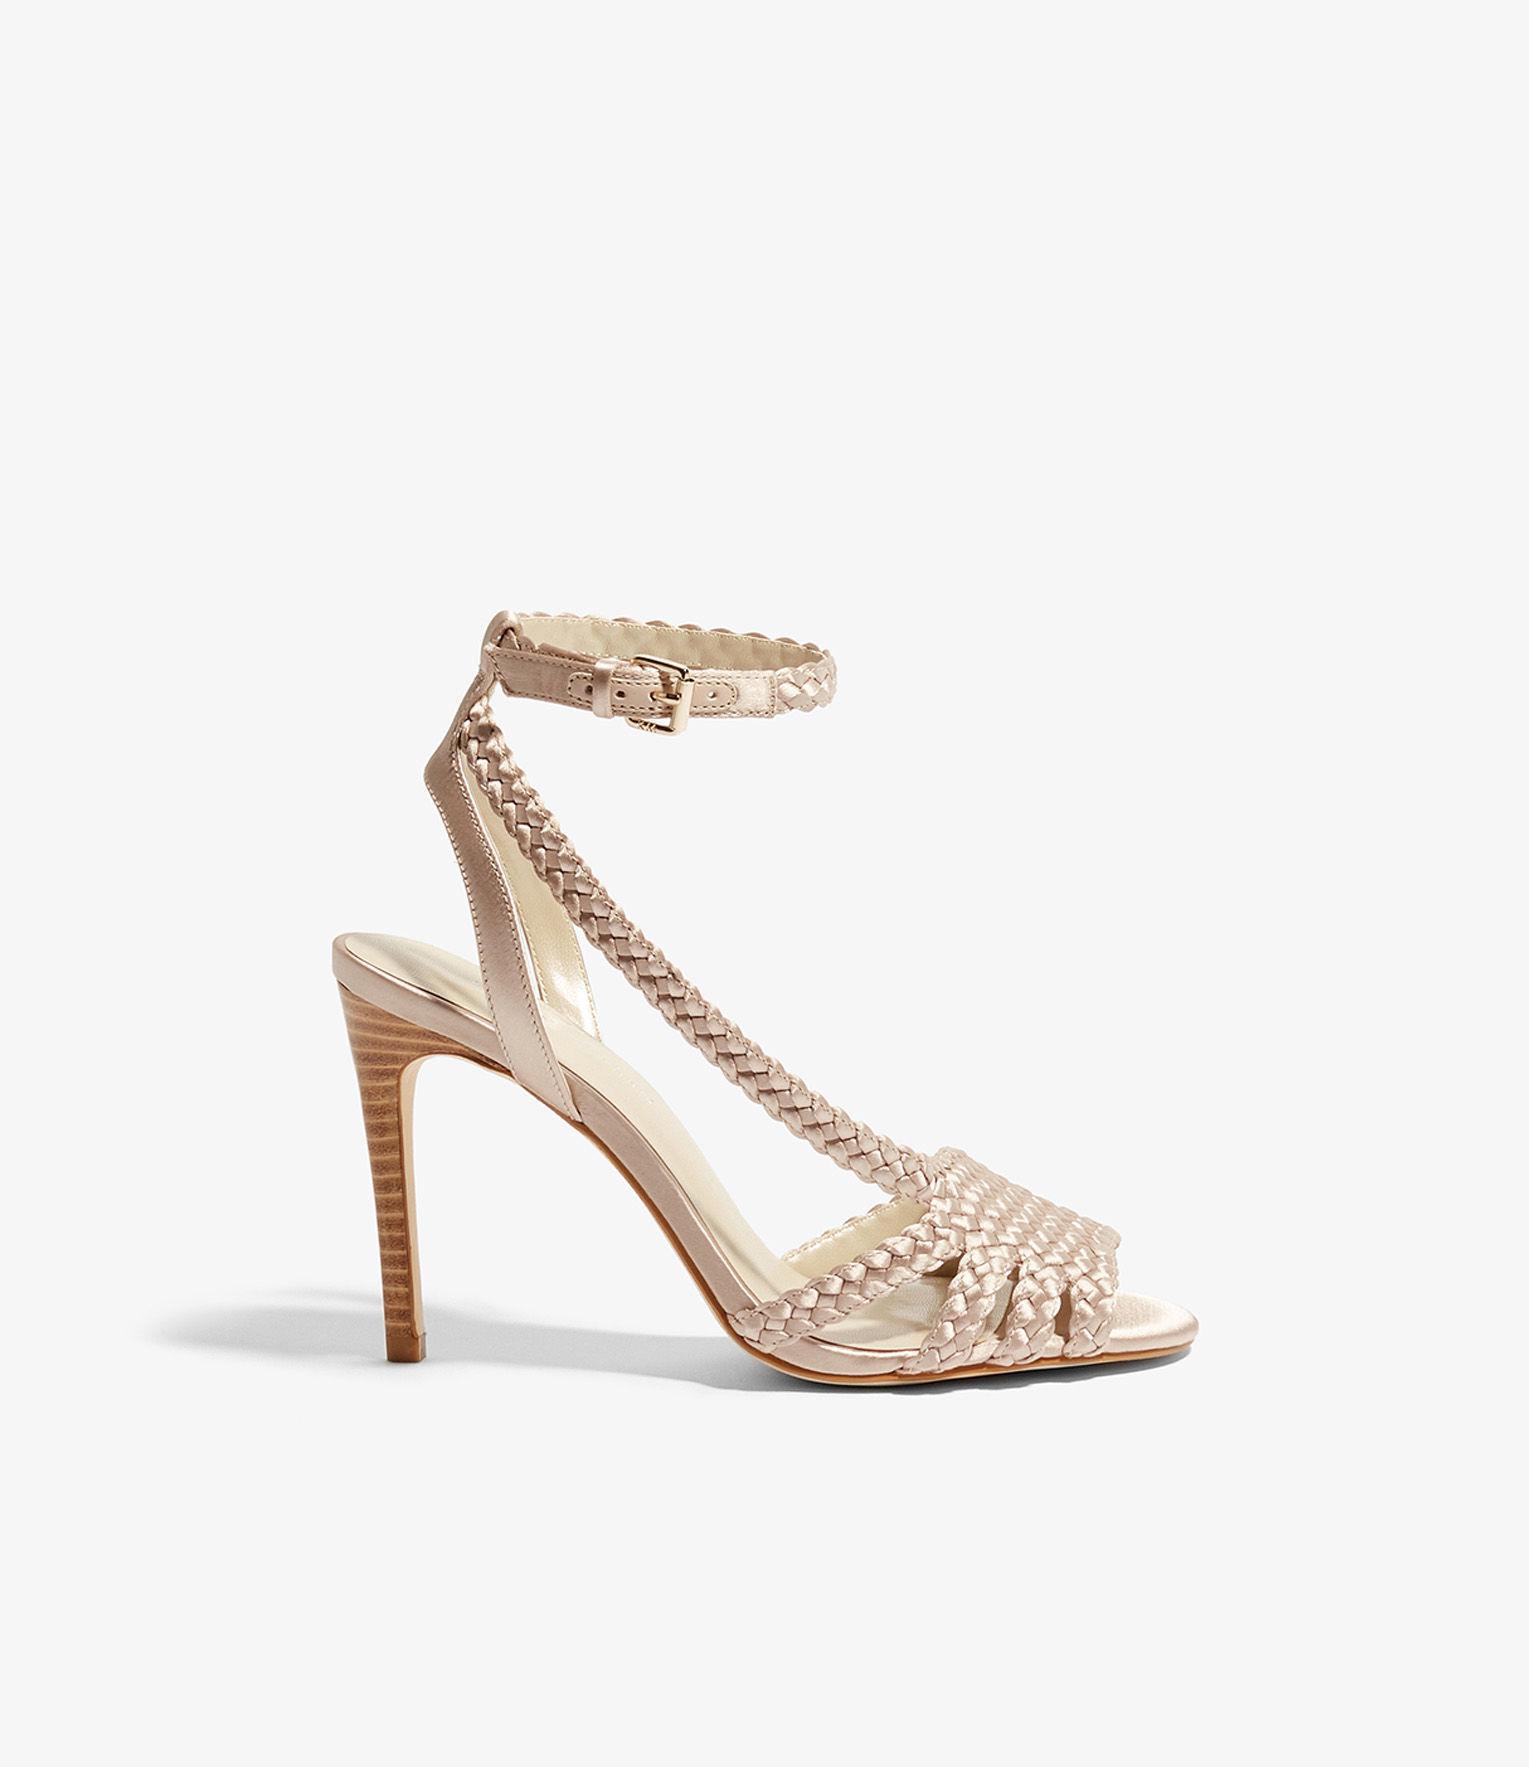 Karen Millen Women's Woven Satin High Heel Sandals